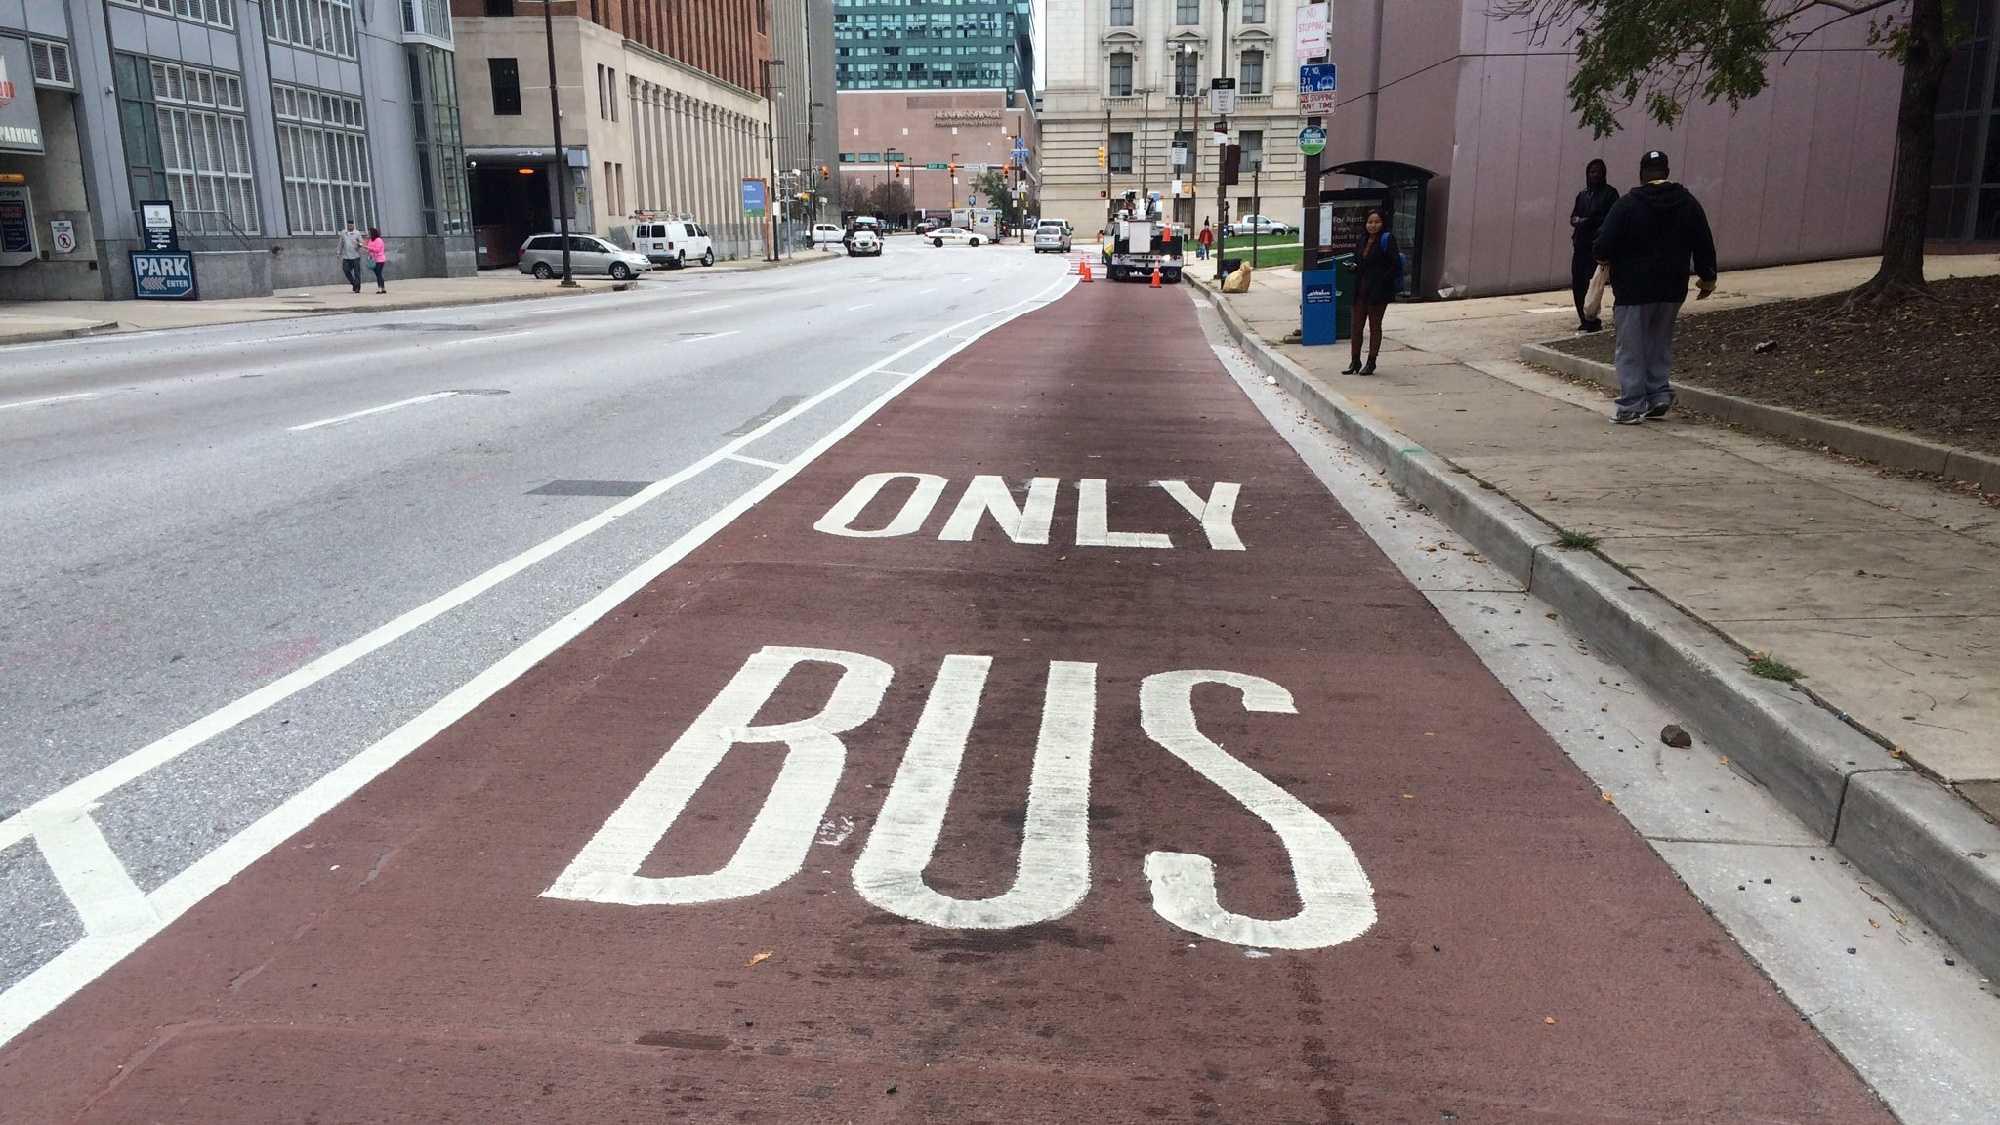 Baltimore bus lane